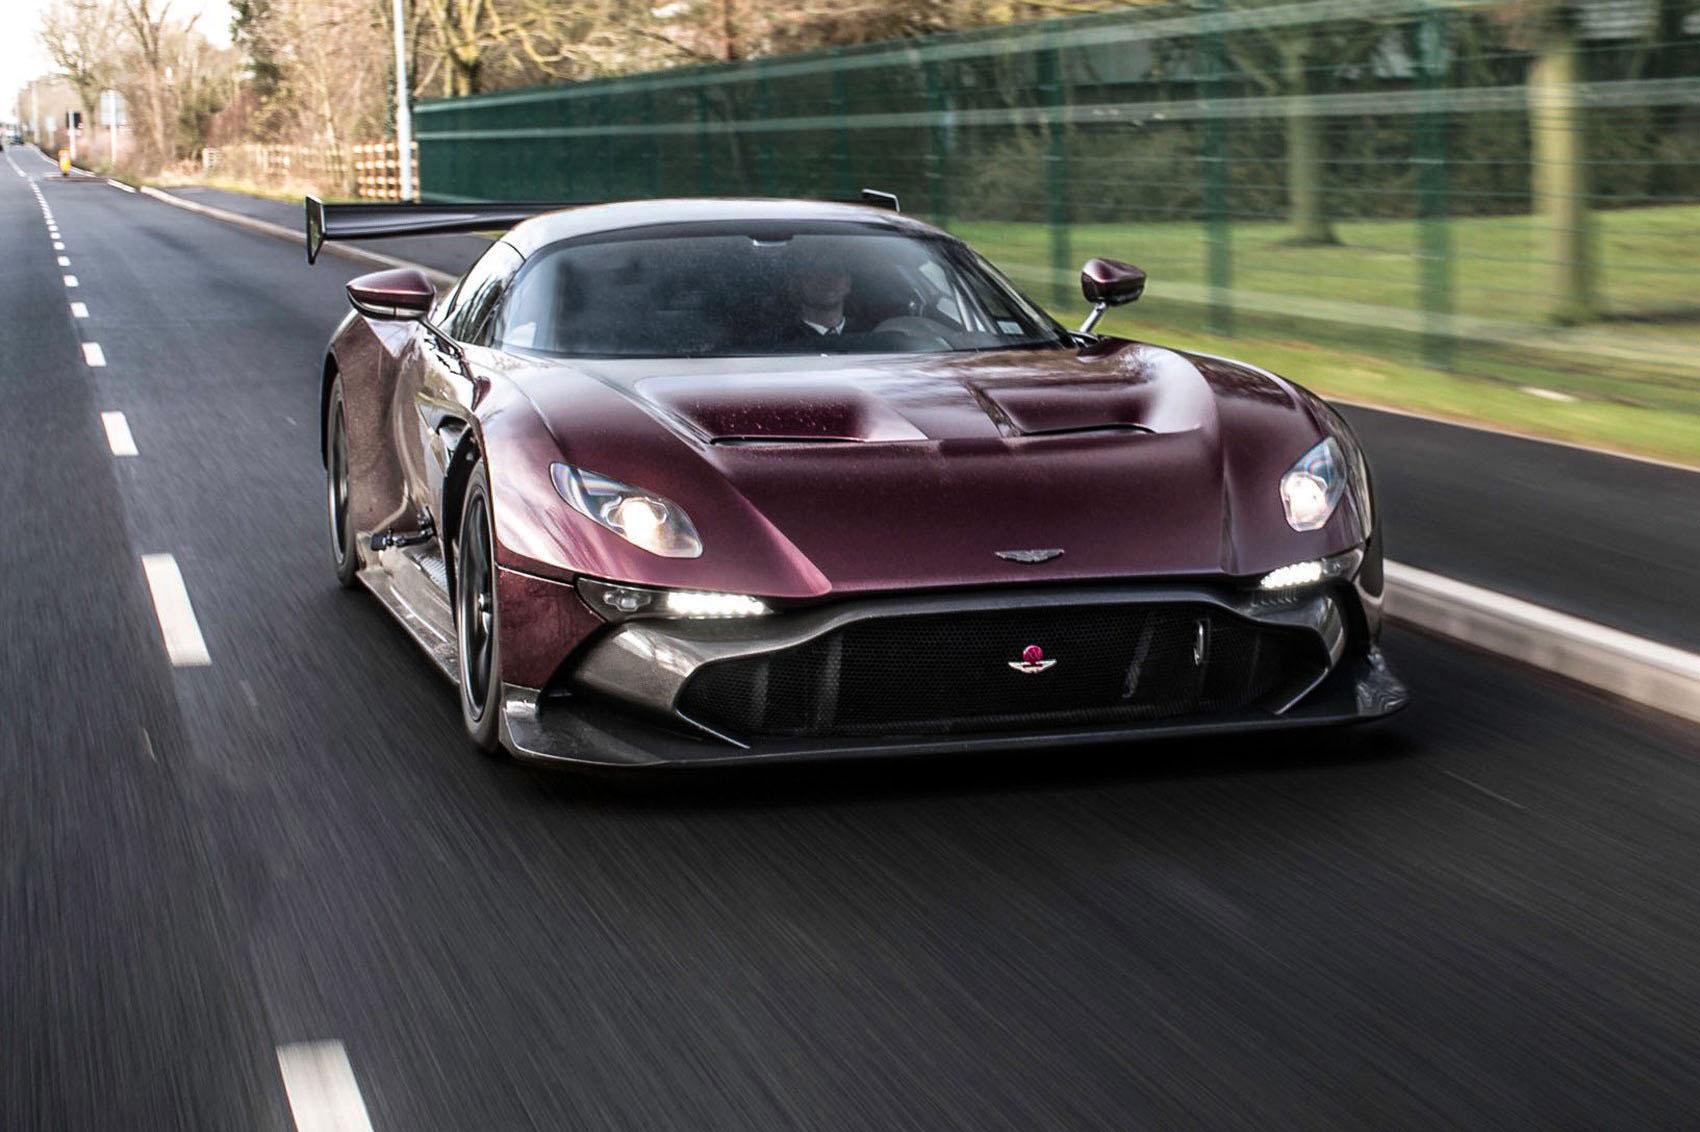 Road Legal Aston Martin Vulcan!